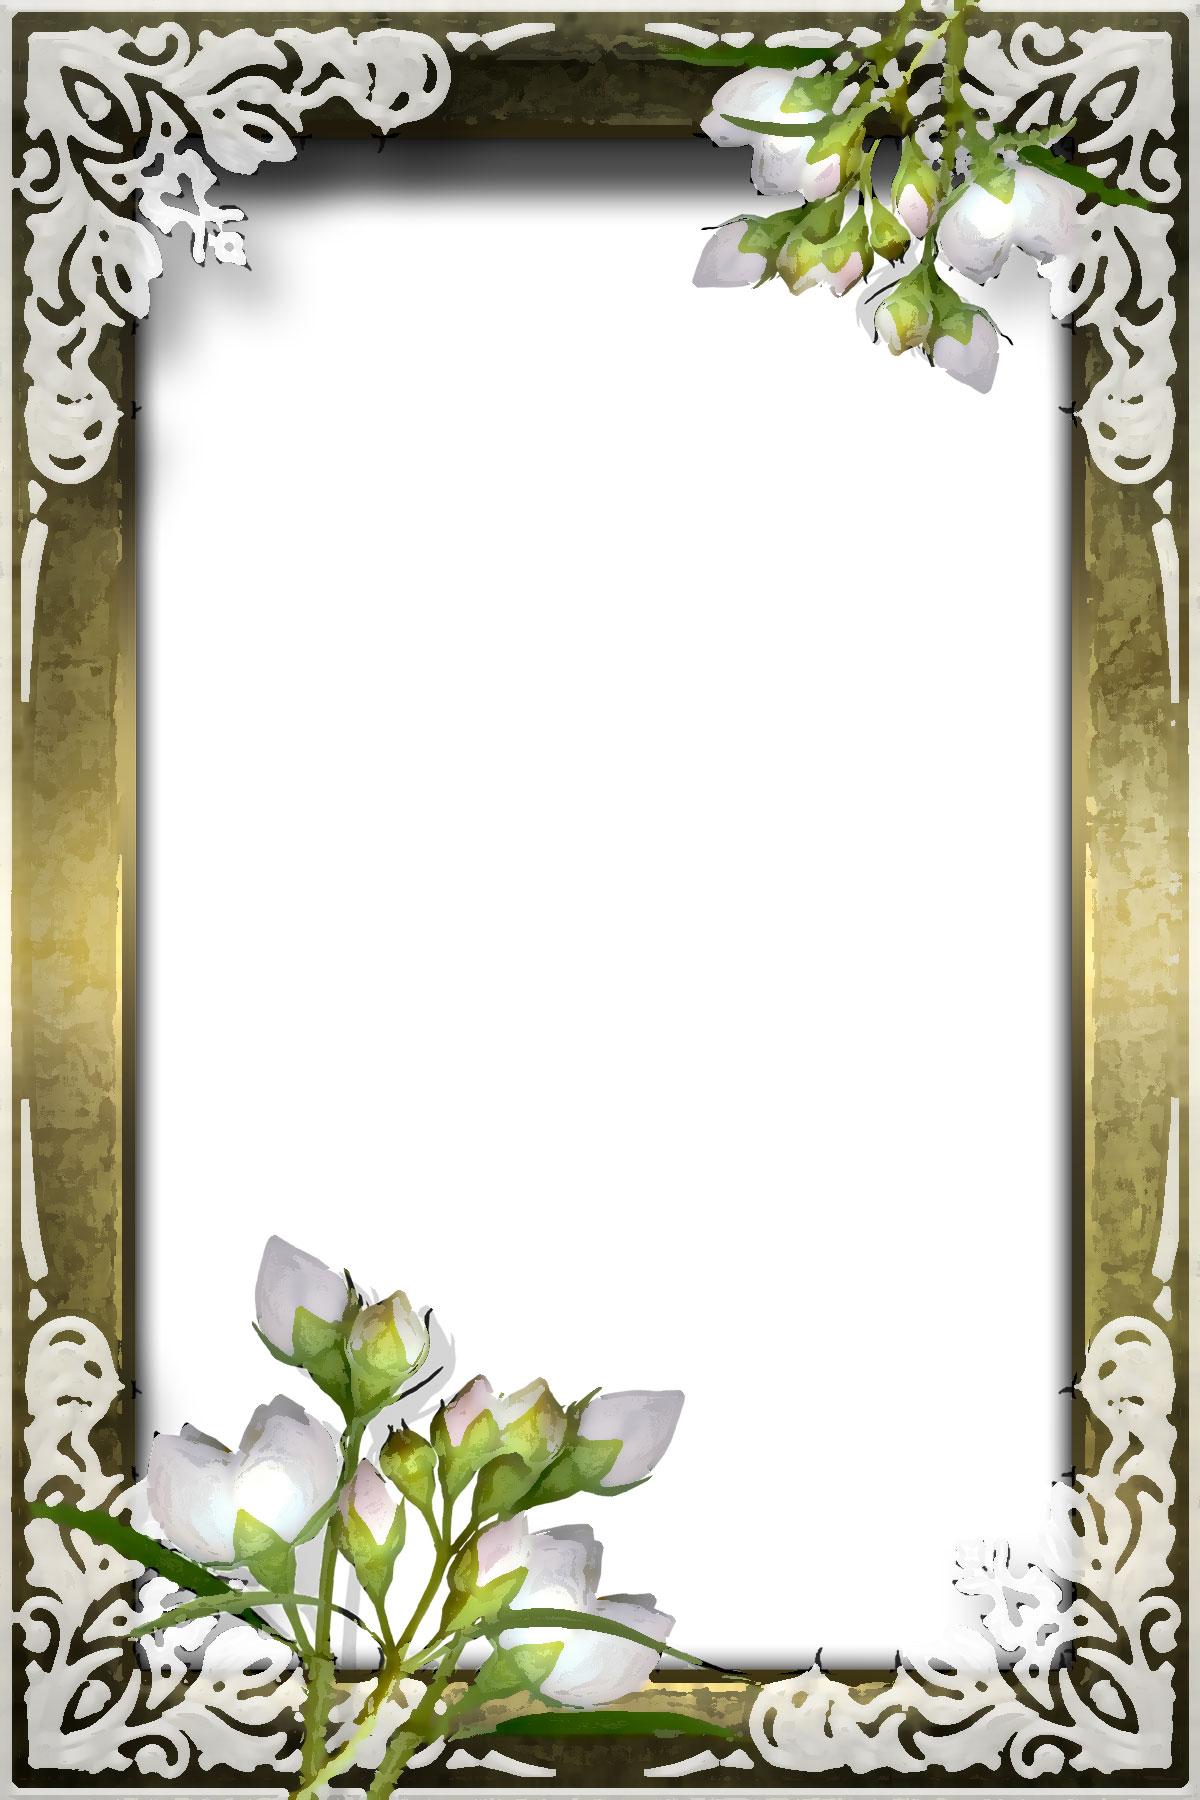 白い花のイラストフリー素材no251薄紫つぼみ木枠